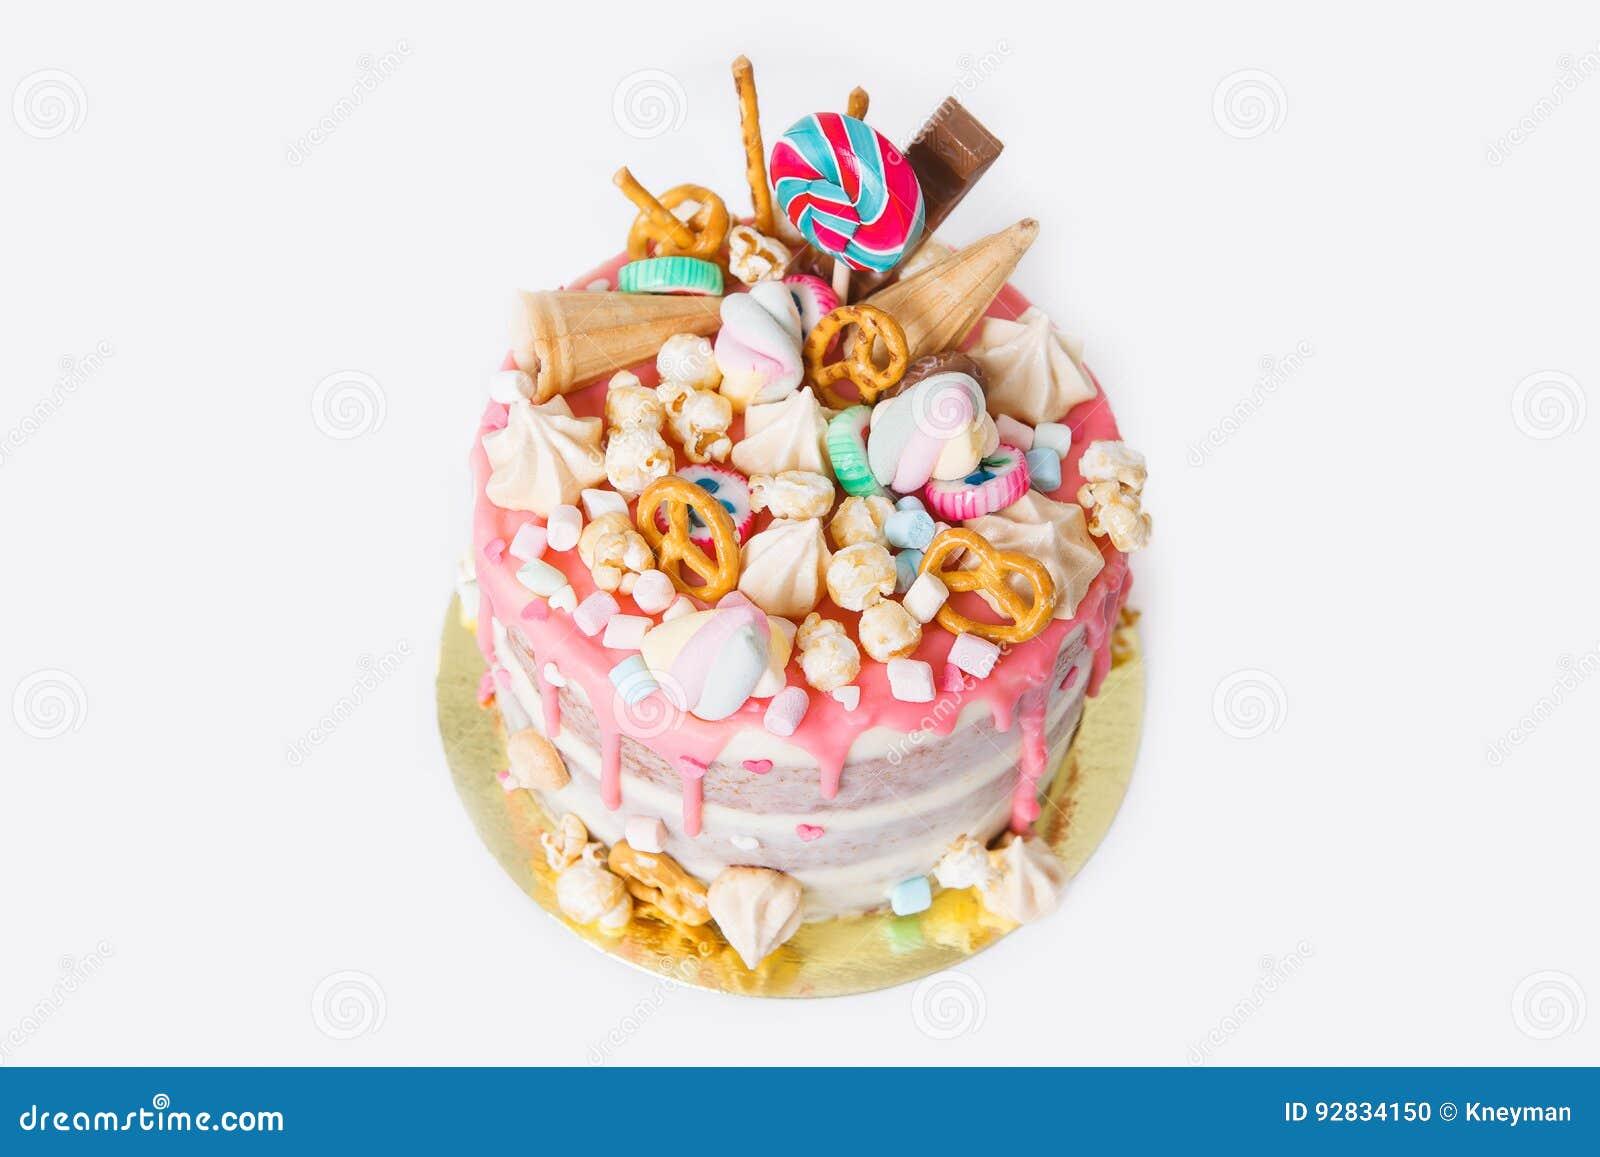 Torta de cumpleaños con adornado con los caramelos, piruleta, melcochas Color en colores pastel rosado Globos en fondo Aislado